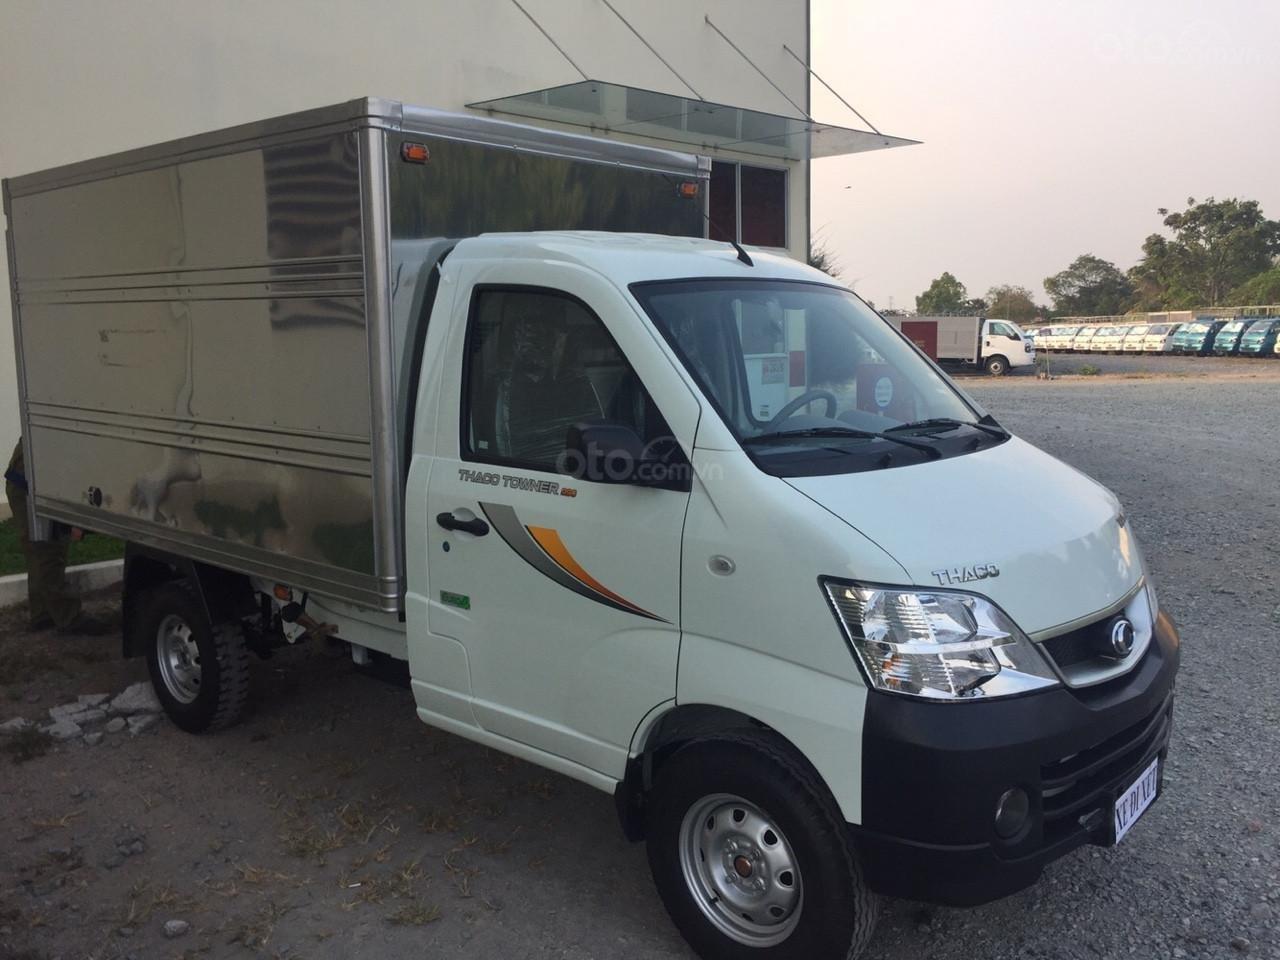 Thaco Towner990 tải 990kg, thùng 2.6m, chỉ cần 90 triệu là có xe (3)